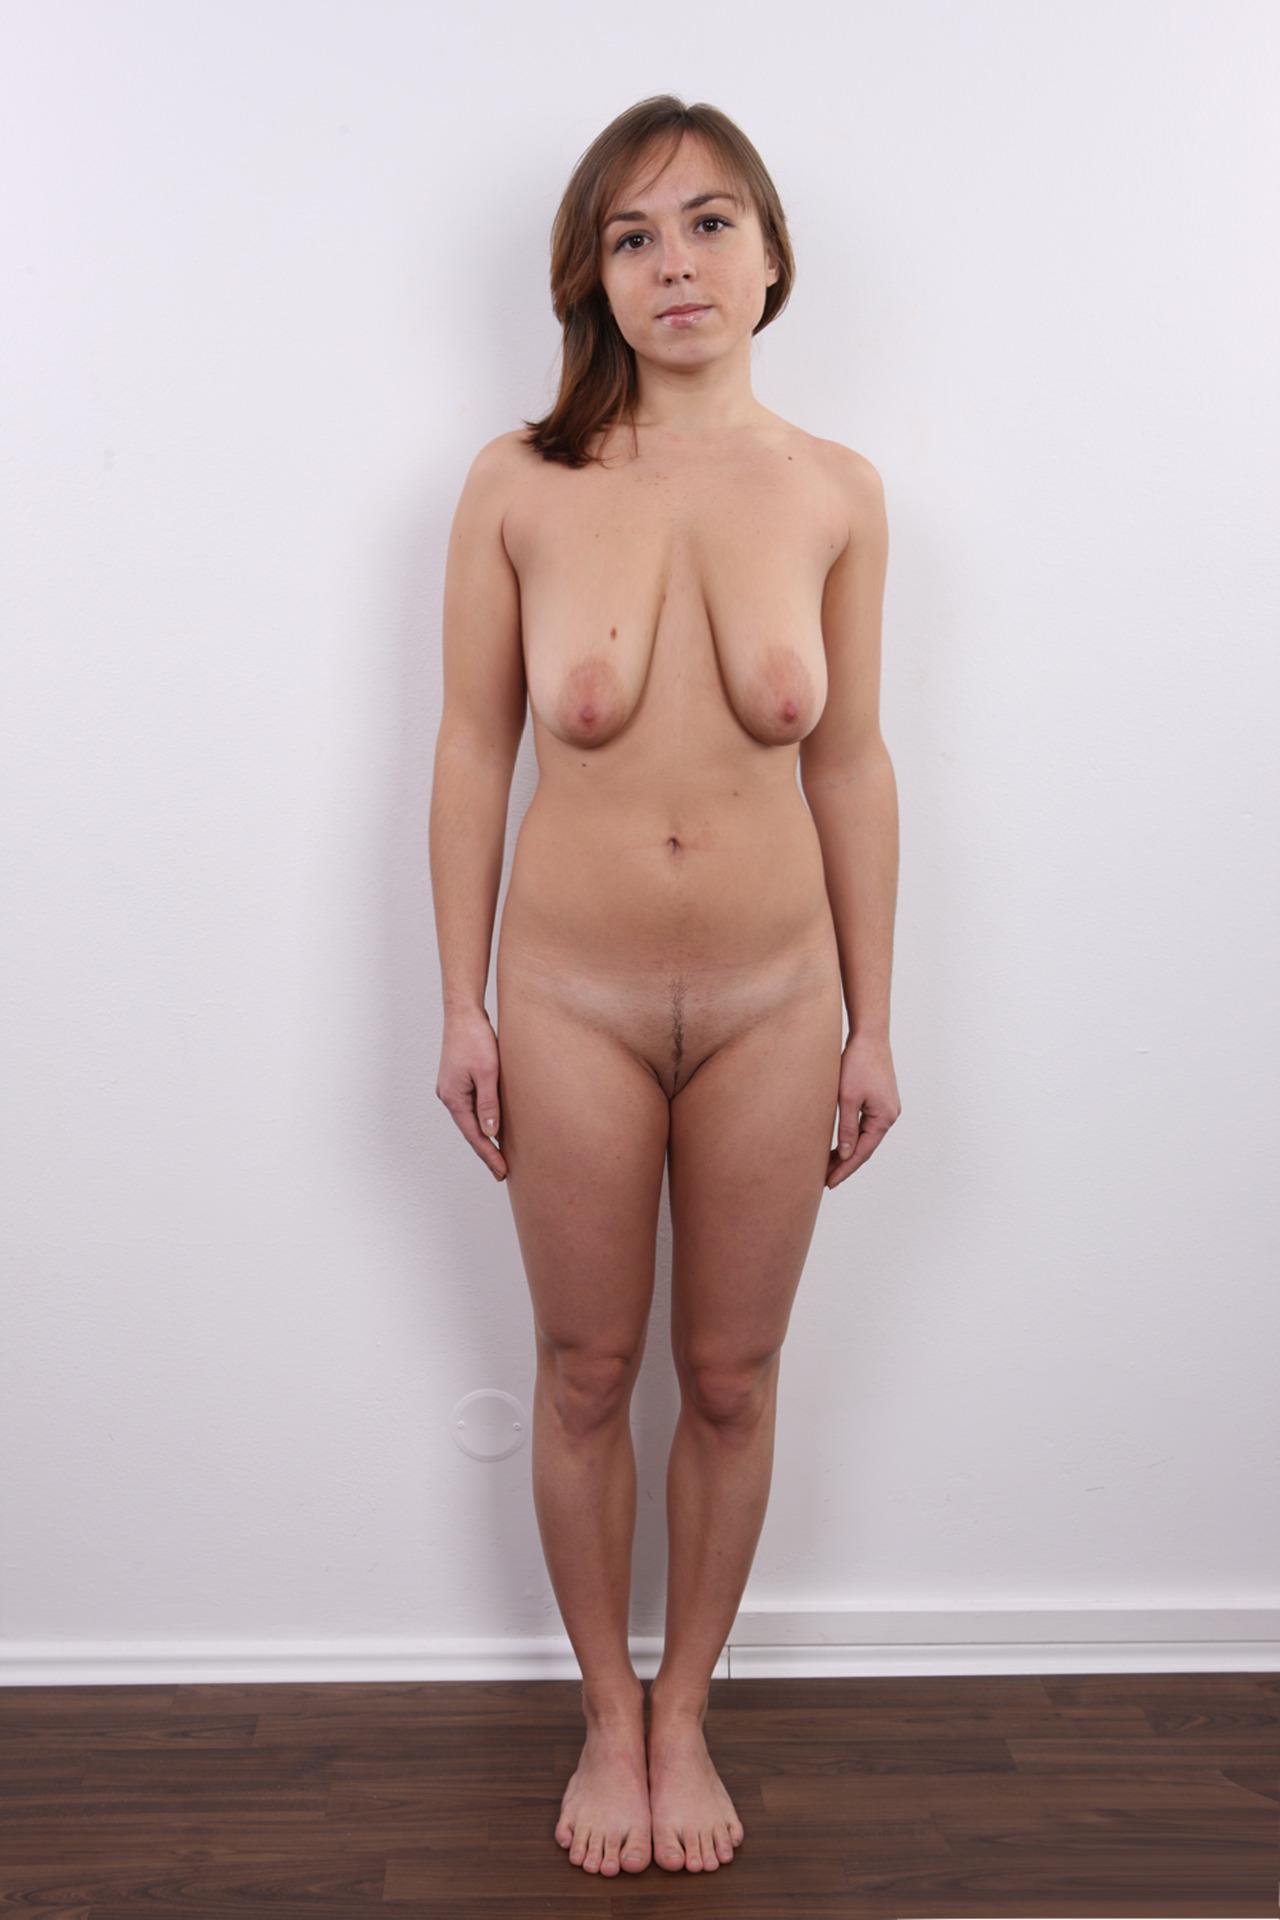 ugly women nude tumblr